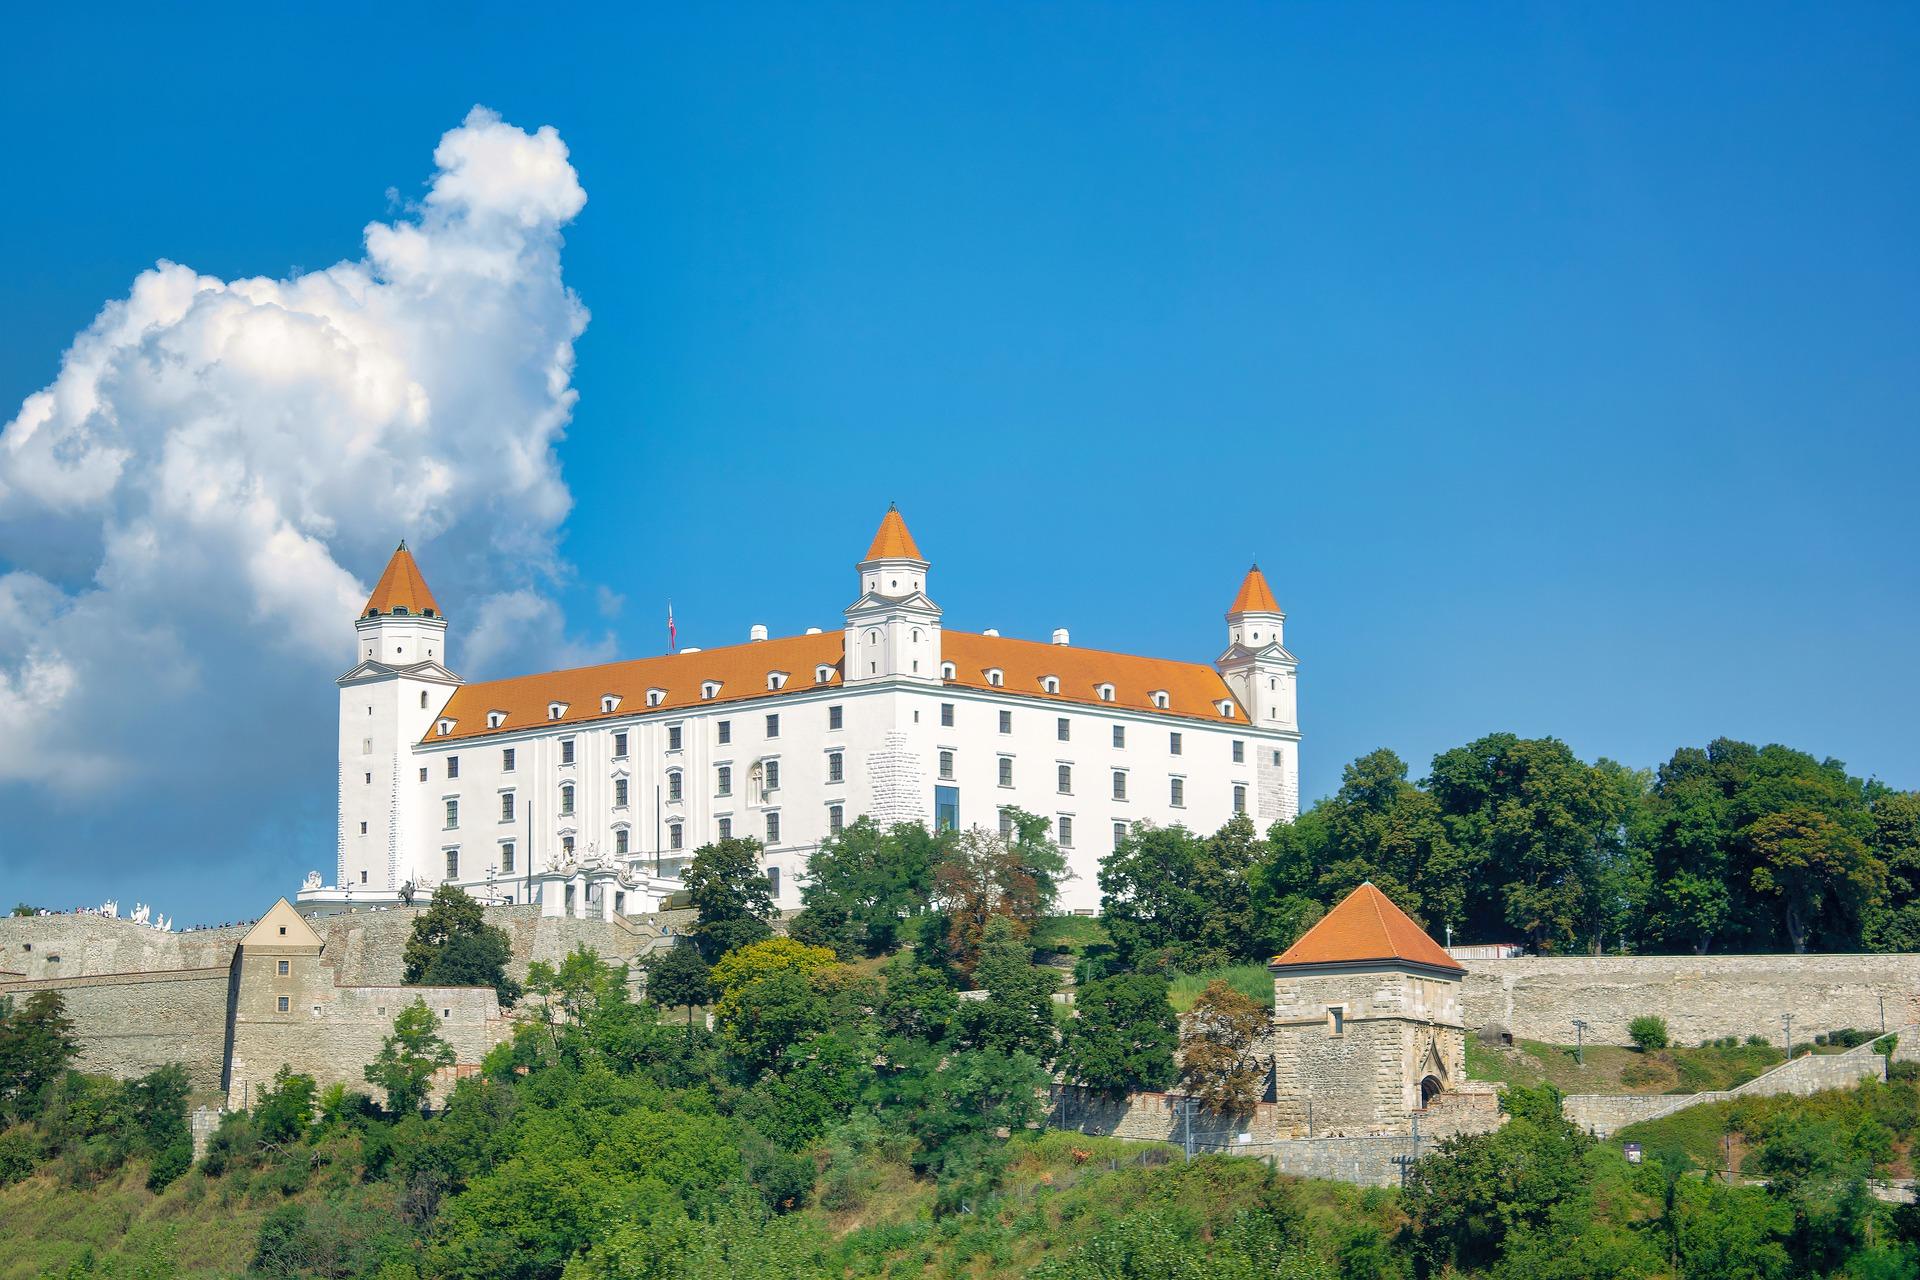 bratislava-castle-6555308_1920